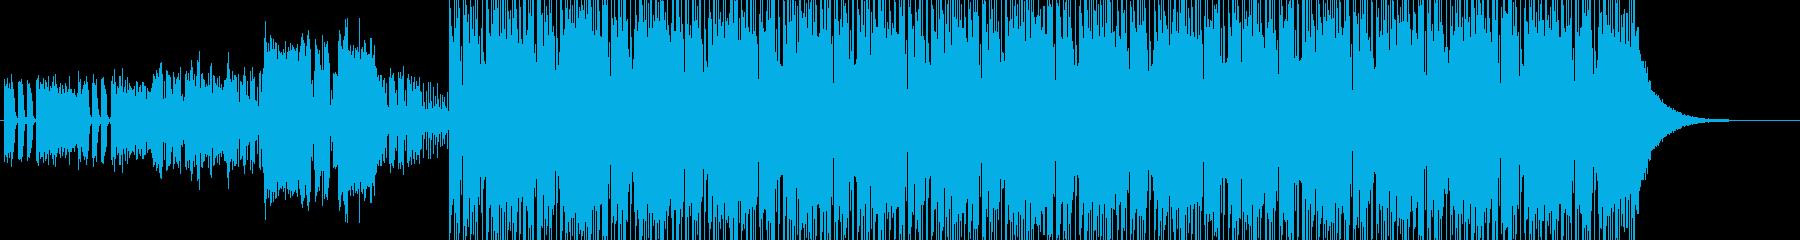 淡々 重たい 不思議 奇妙 科学の再生済みの波形